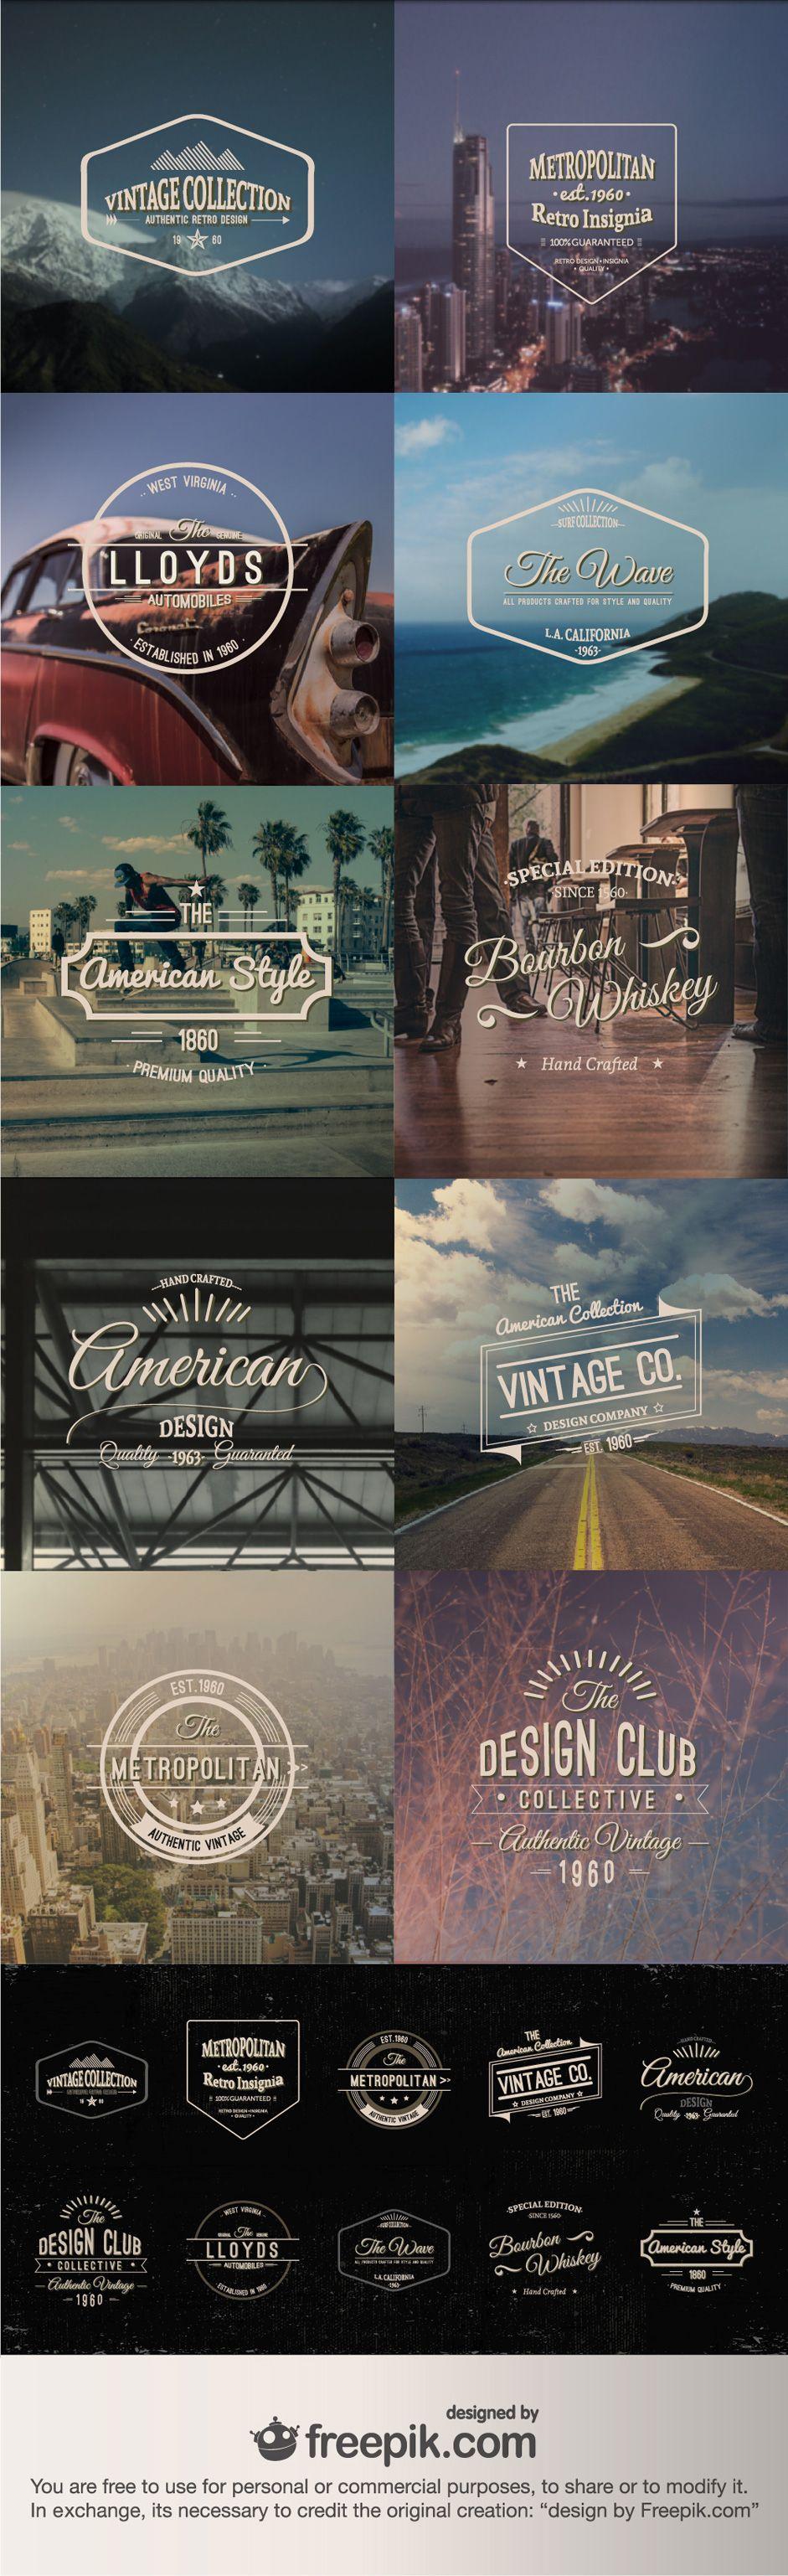 Retro Vintage Insignias: A Vector Freebie From Freepik | Design